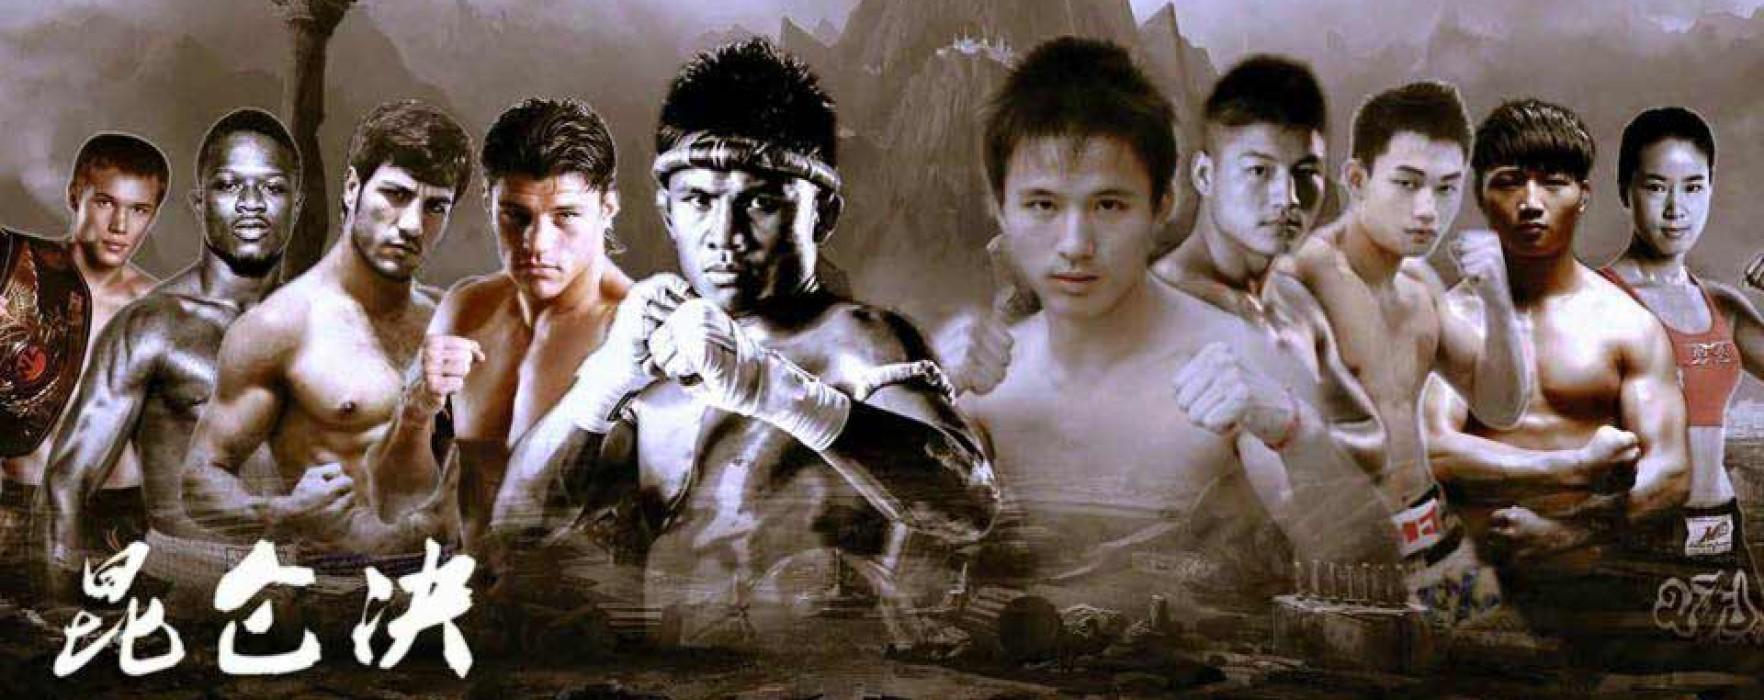 Card: Buakaw, Kraus, Pashporin, Nagbe etc at Kunlun Fight 39 – China – 20/03/2016